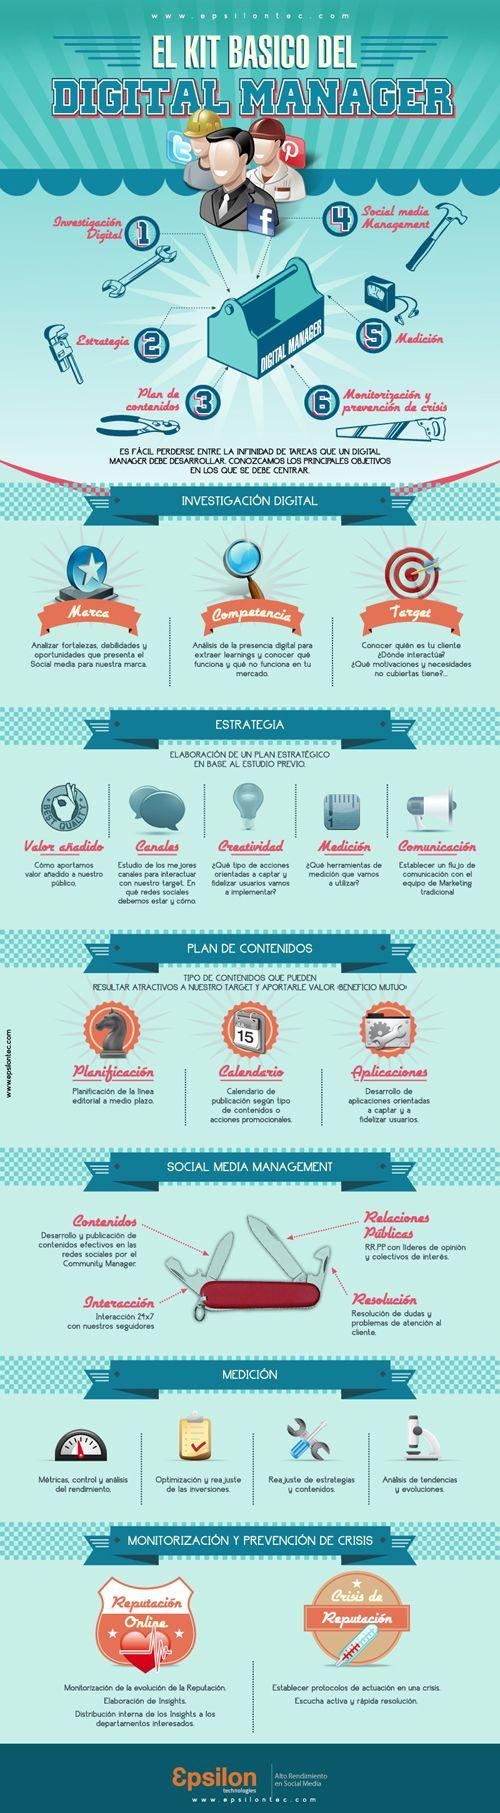 Los grandes retos profesionales del Digital Manager - Puro Marketing